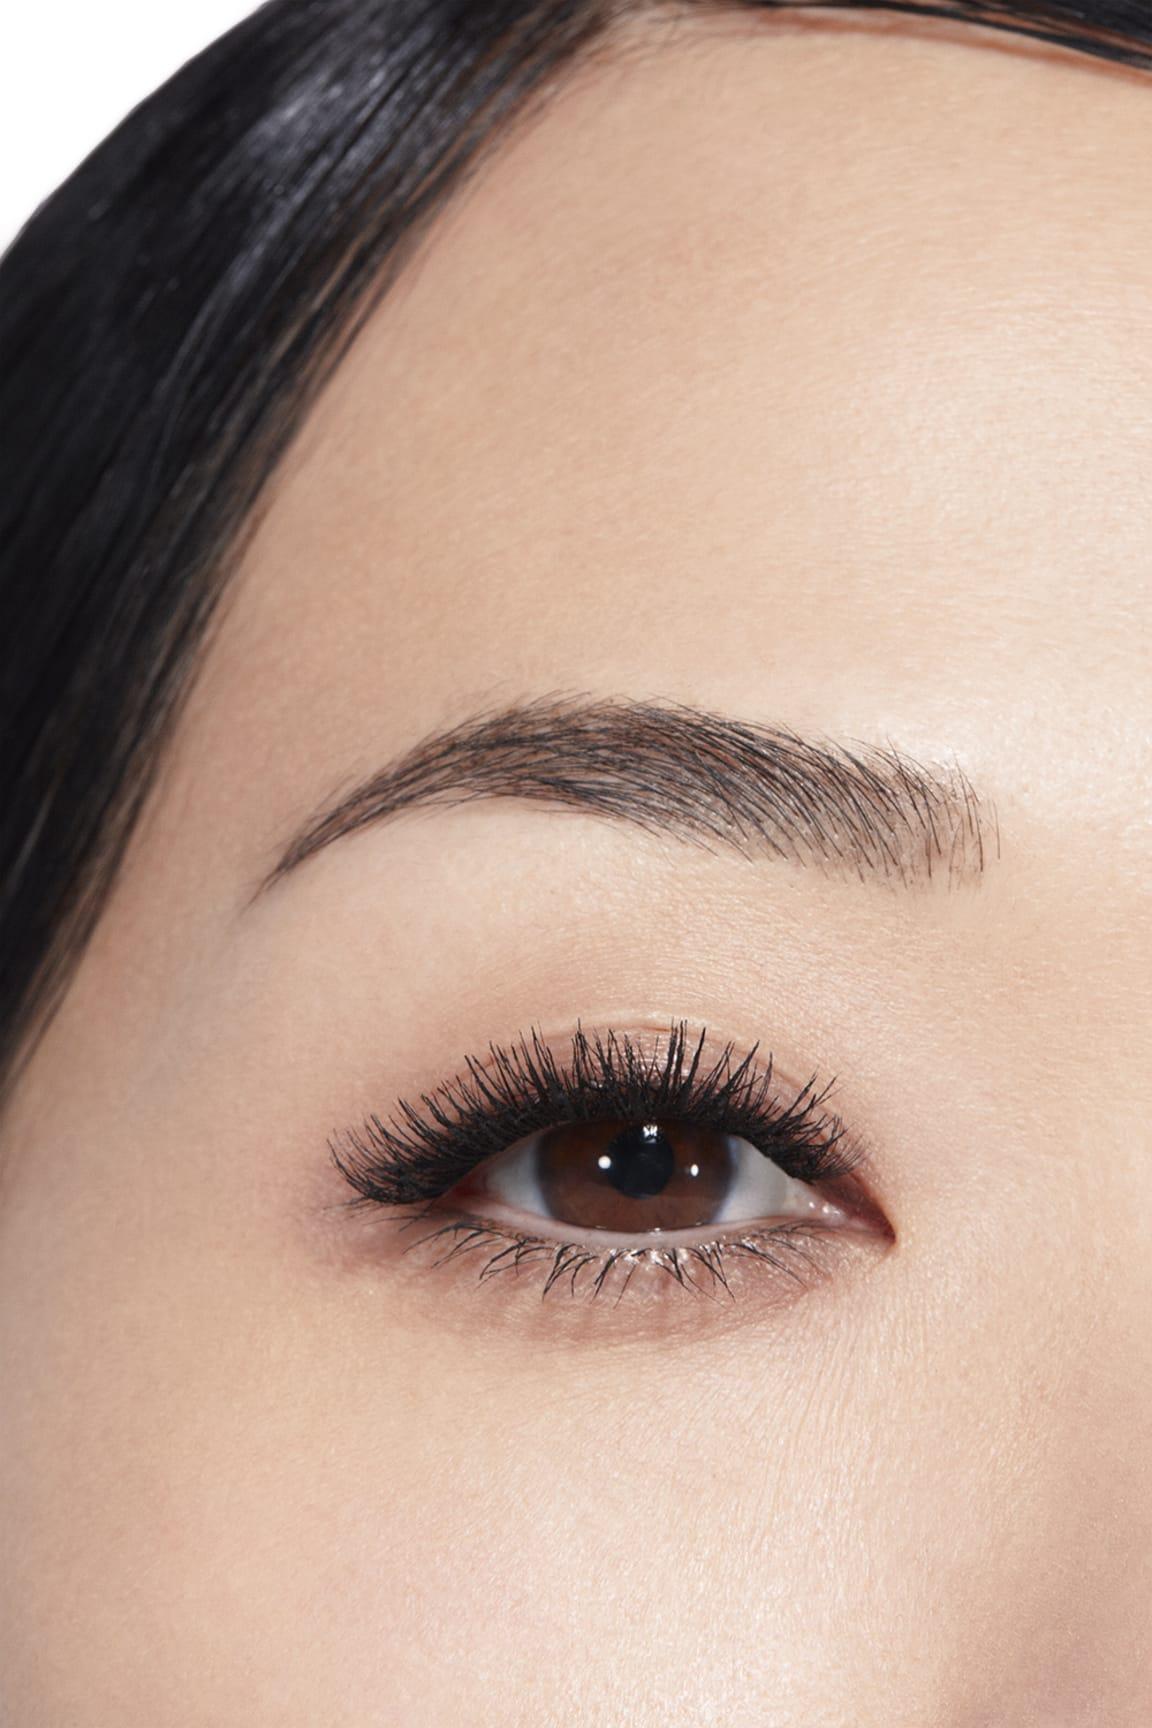 Toepassing make-up visual 1 - LE VOLUME RÉVOLUTION DE CHANEL 10 - NOIR